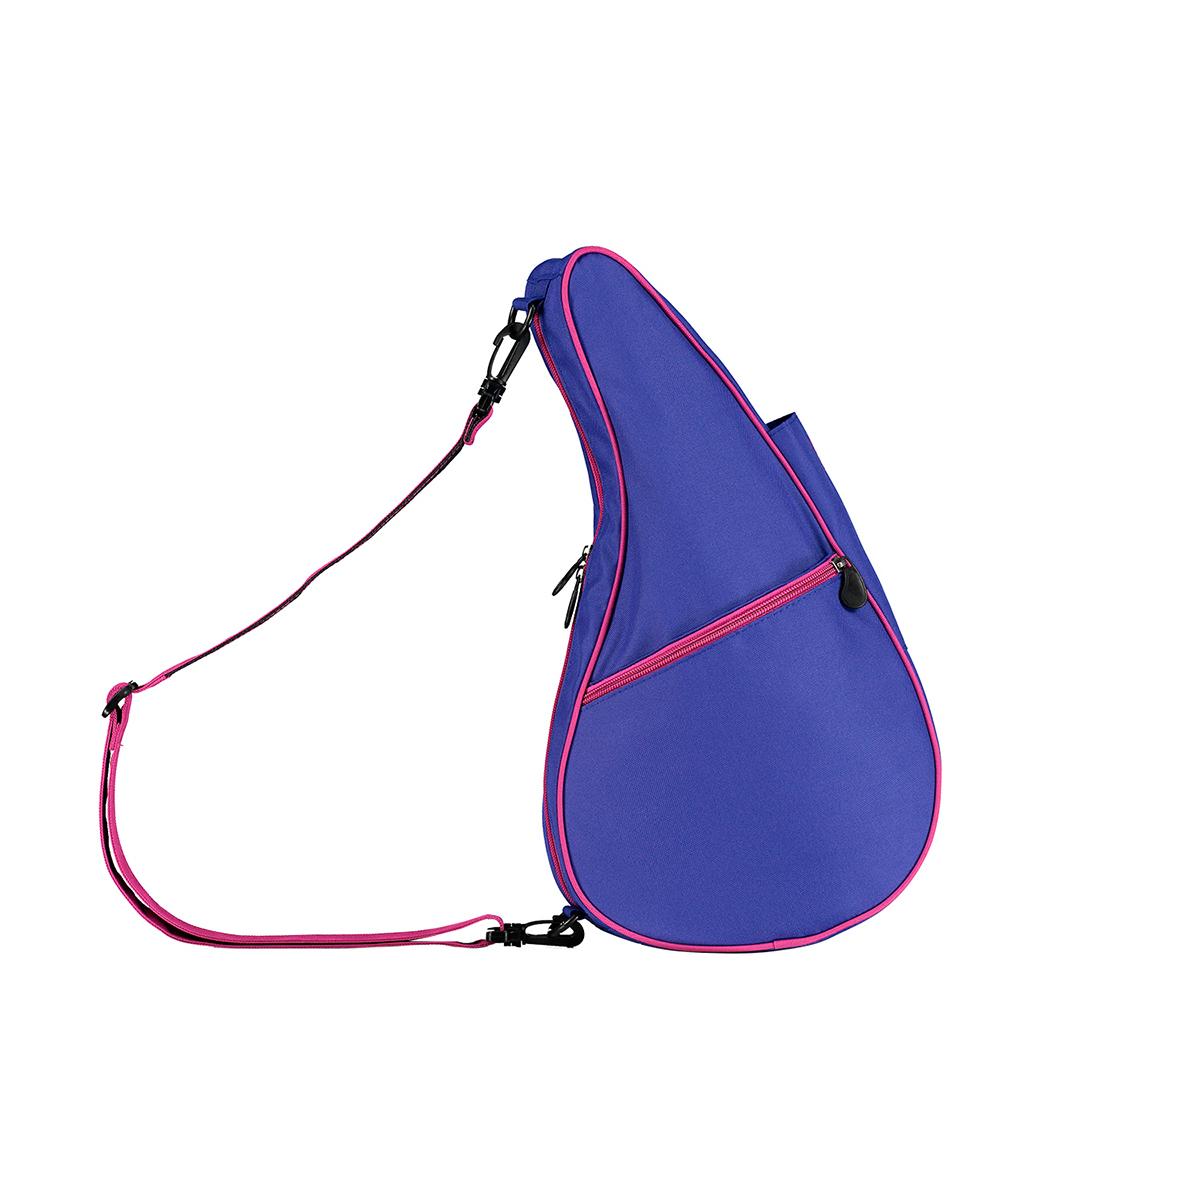 Healthy Back Bag/ヘルシーバックバッグ/ショルダーバッグ/ボディバッグ/旅行バッグ/軽量/レディース/メンズ 公式ストア ヘルシーバックバッグ  リバーシブル Sサイズ モザイクブルー/ベリーベリー